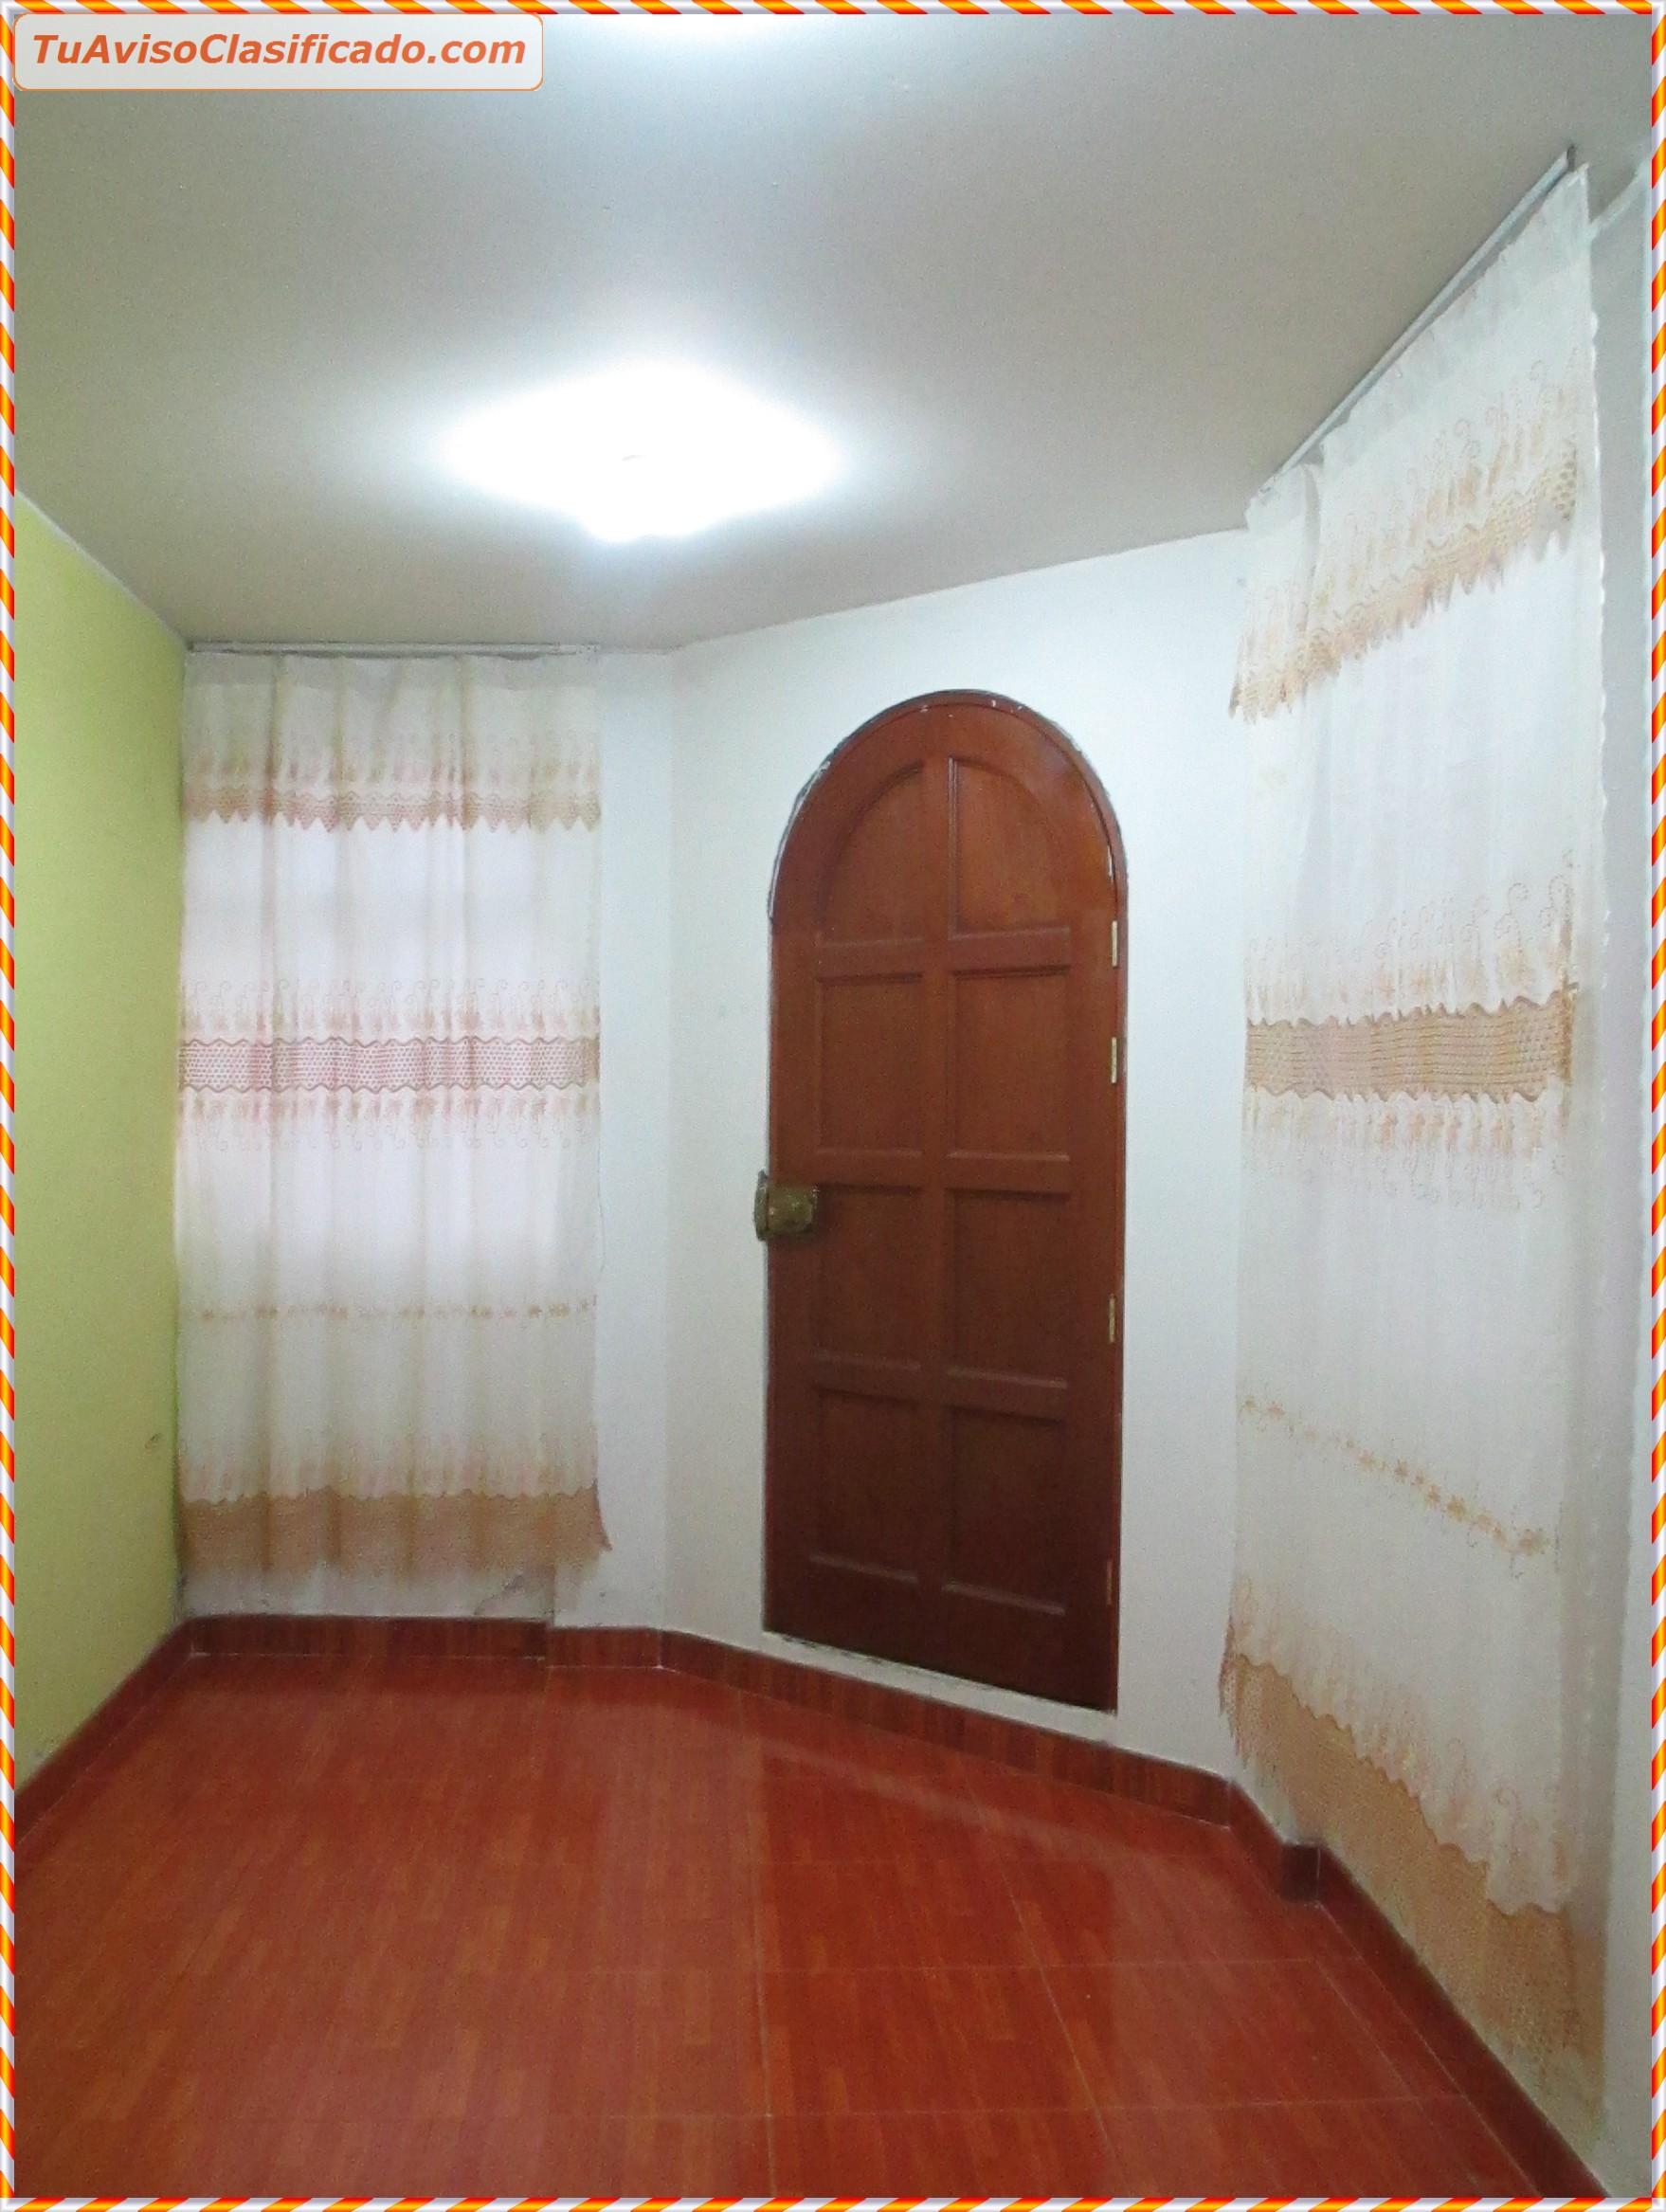 Habitaci n de inmuebles y propiedades en for Alquilo habitacion amplia